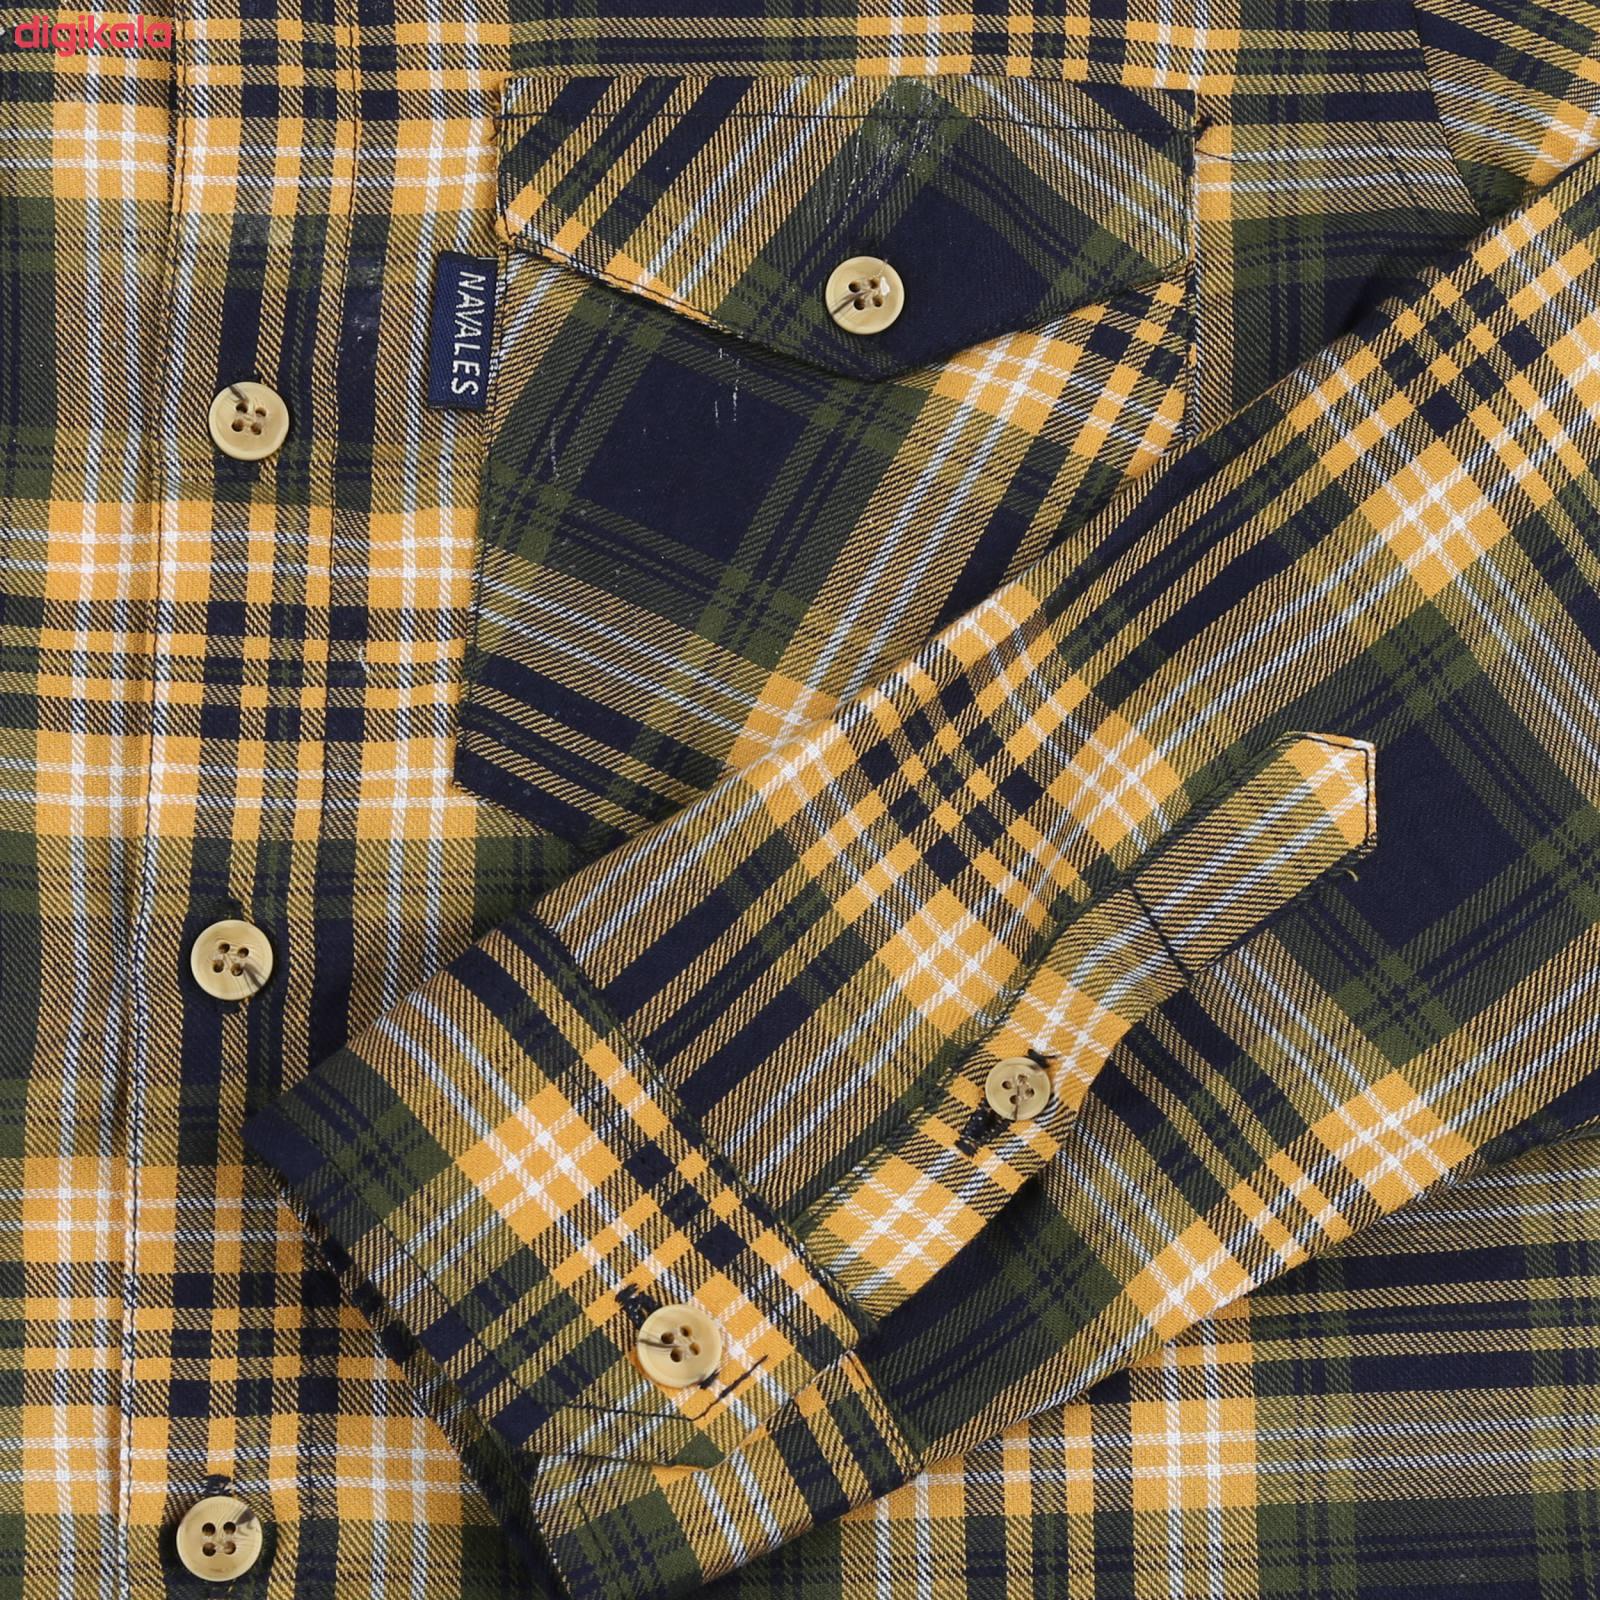 پیراهن پسرانه ناوالس کد R-20119-YL main 1 3